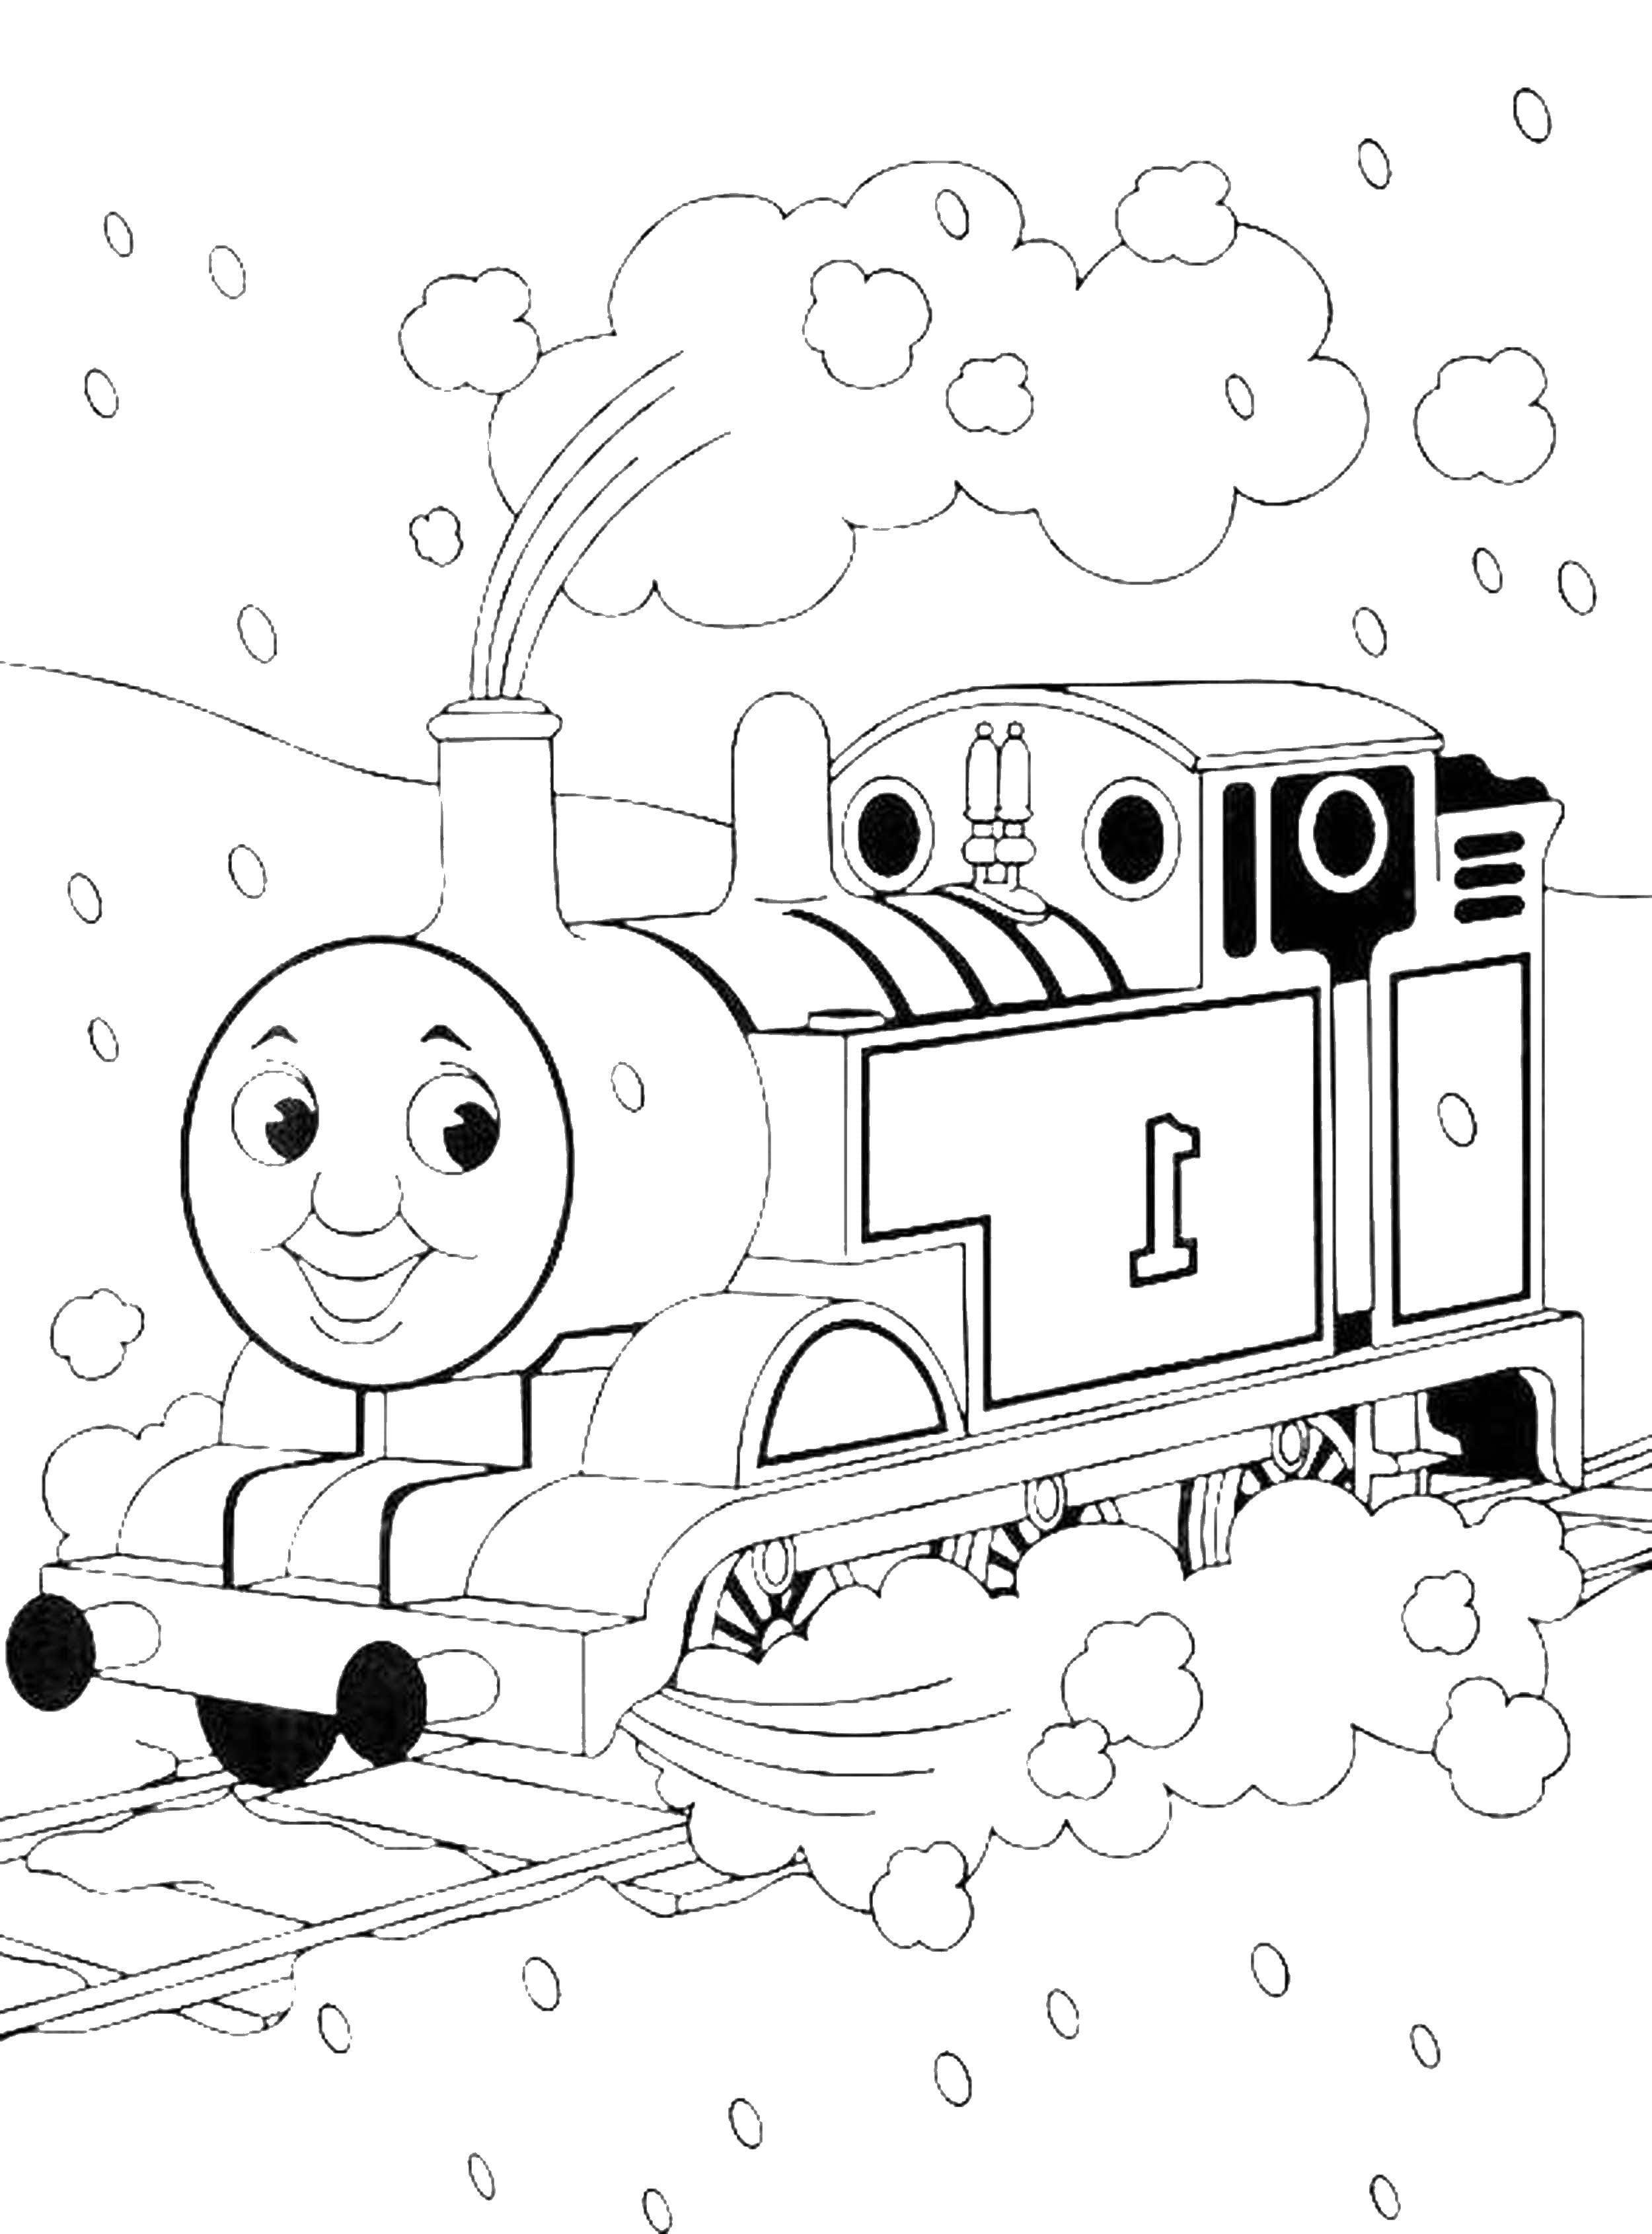 Картинка раскраска паровоза сказочного